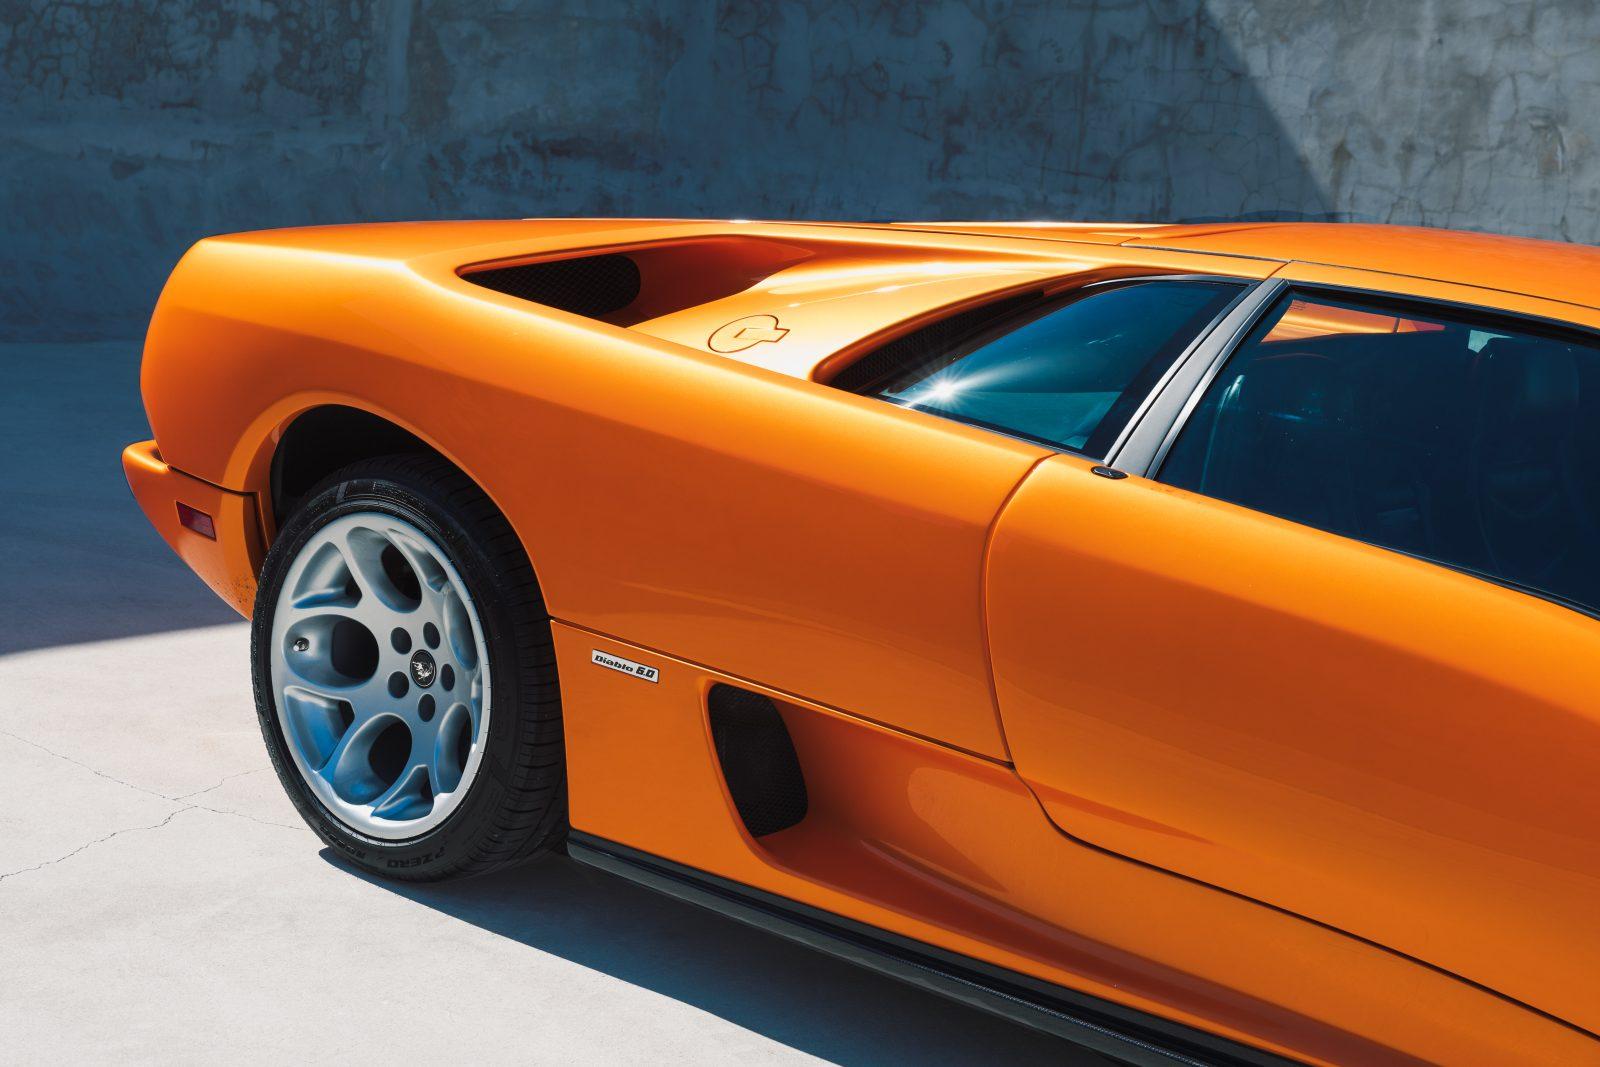 2001 Lamborghini Diablo 6 0 Orange Black 5 Of 8 Curated